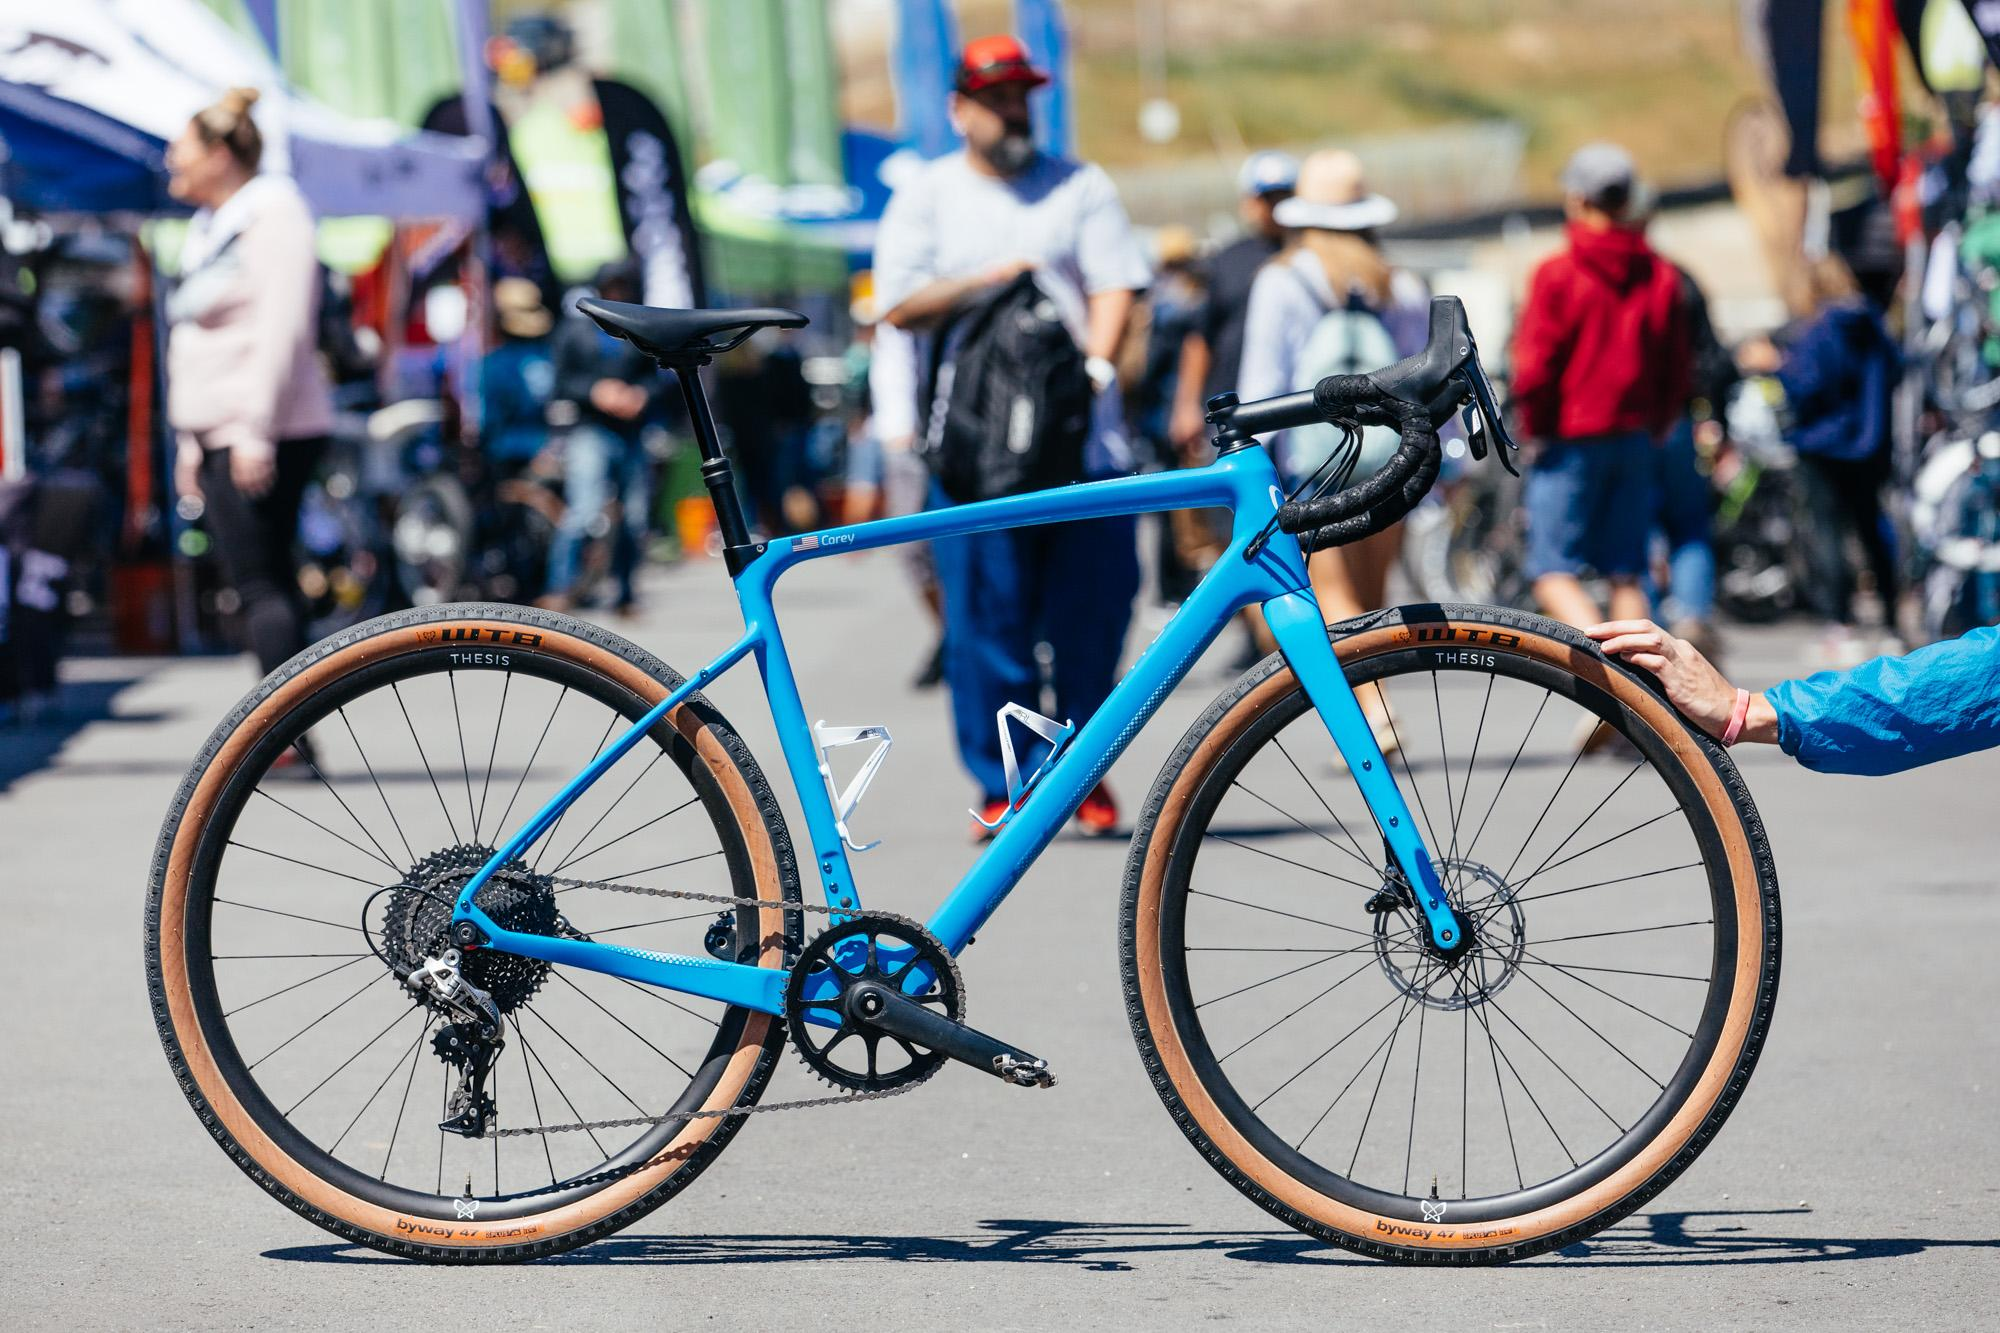 Thesis Bikes